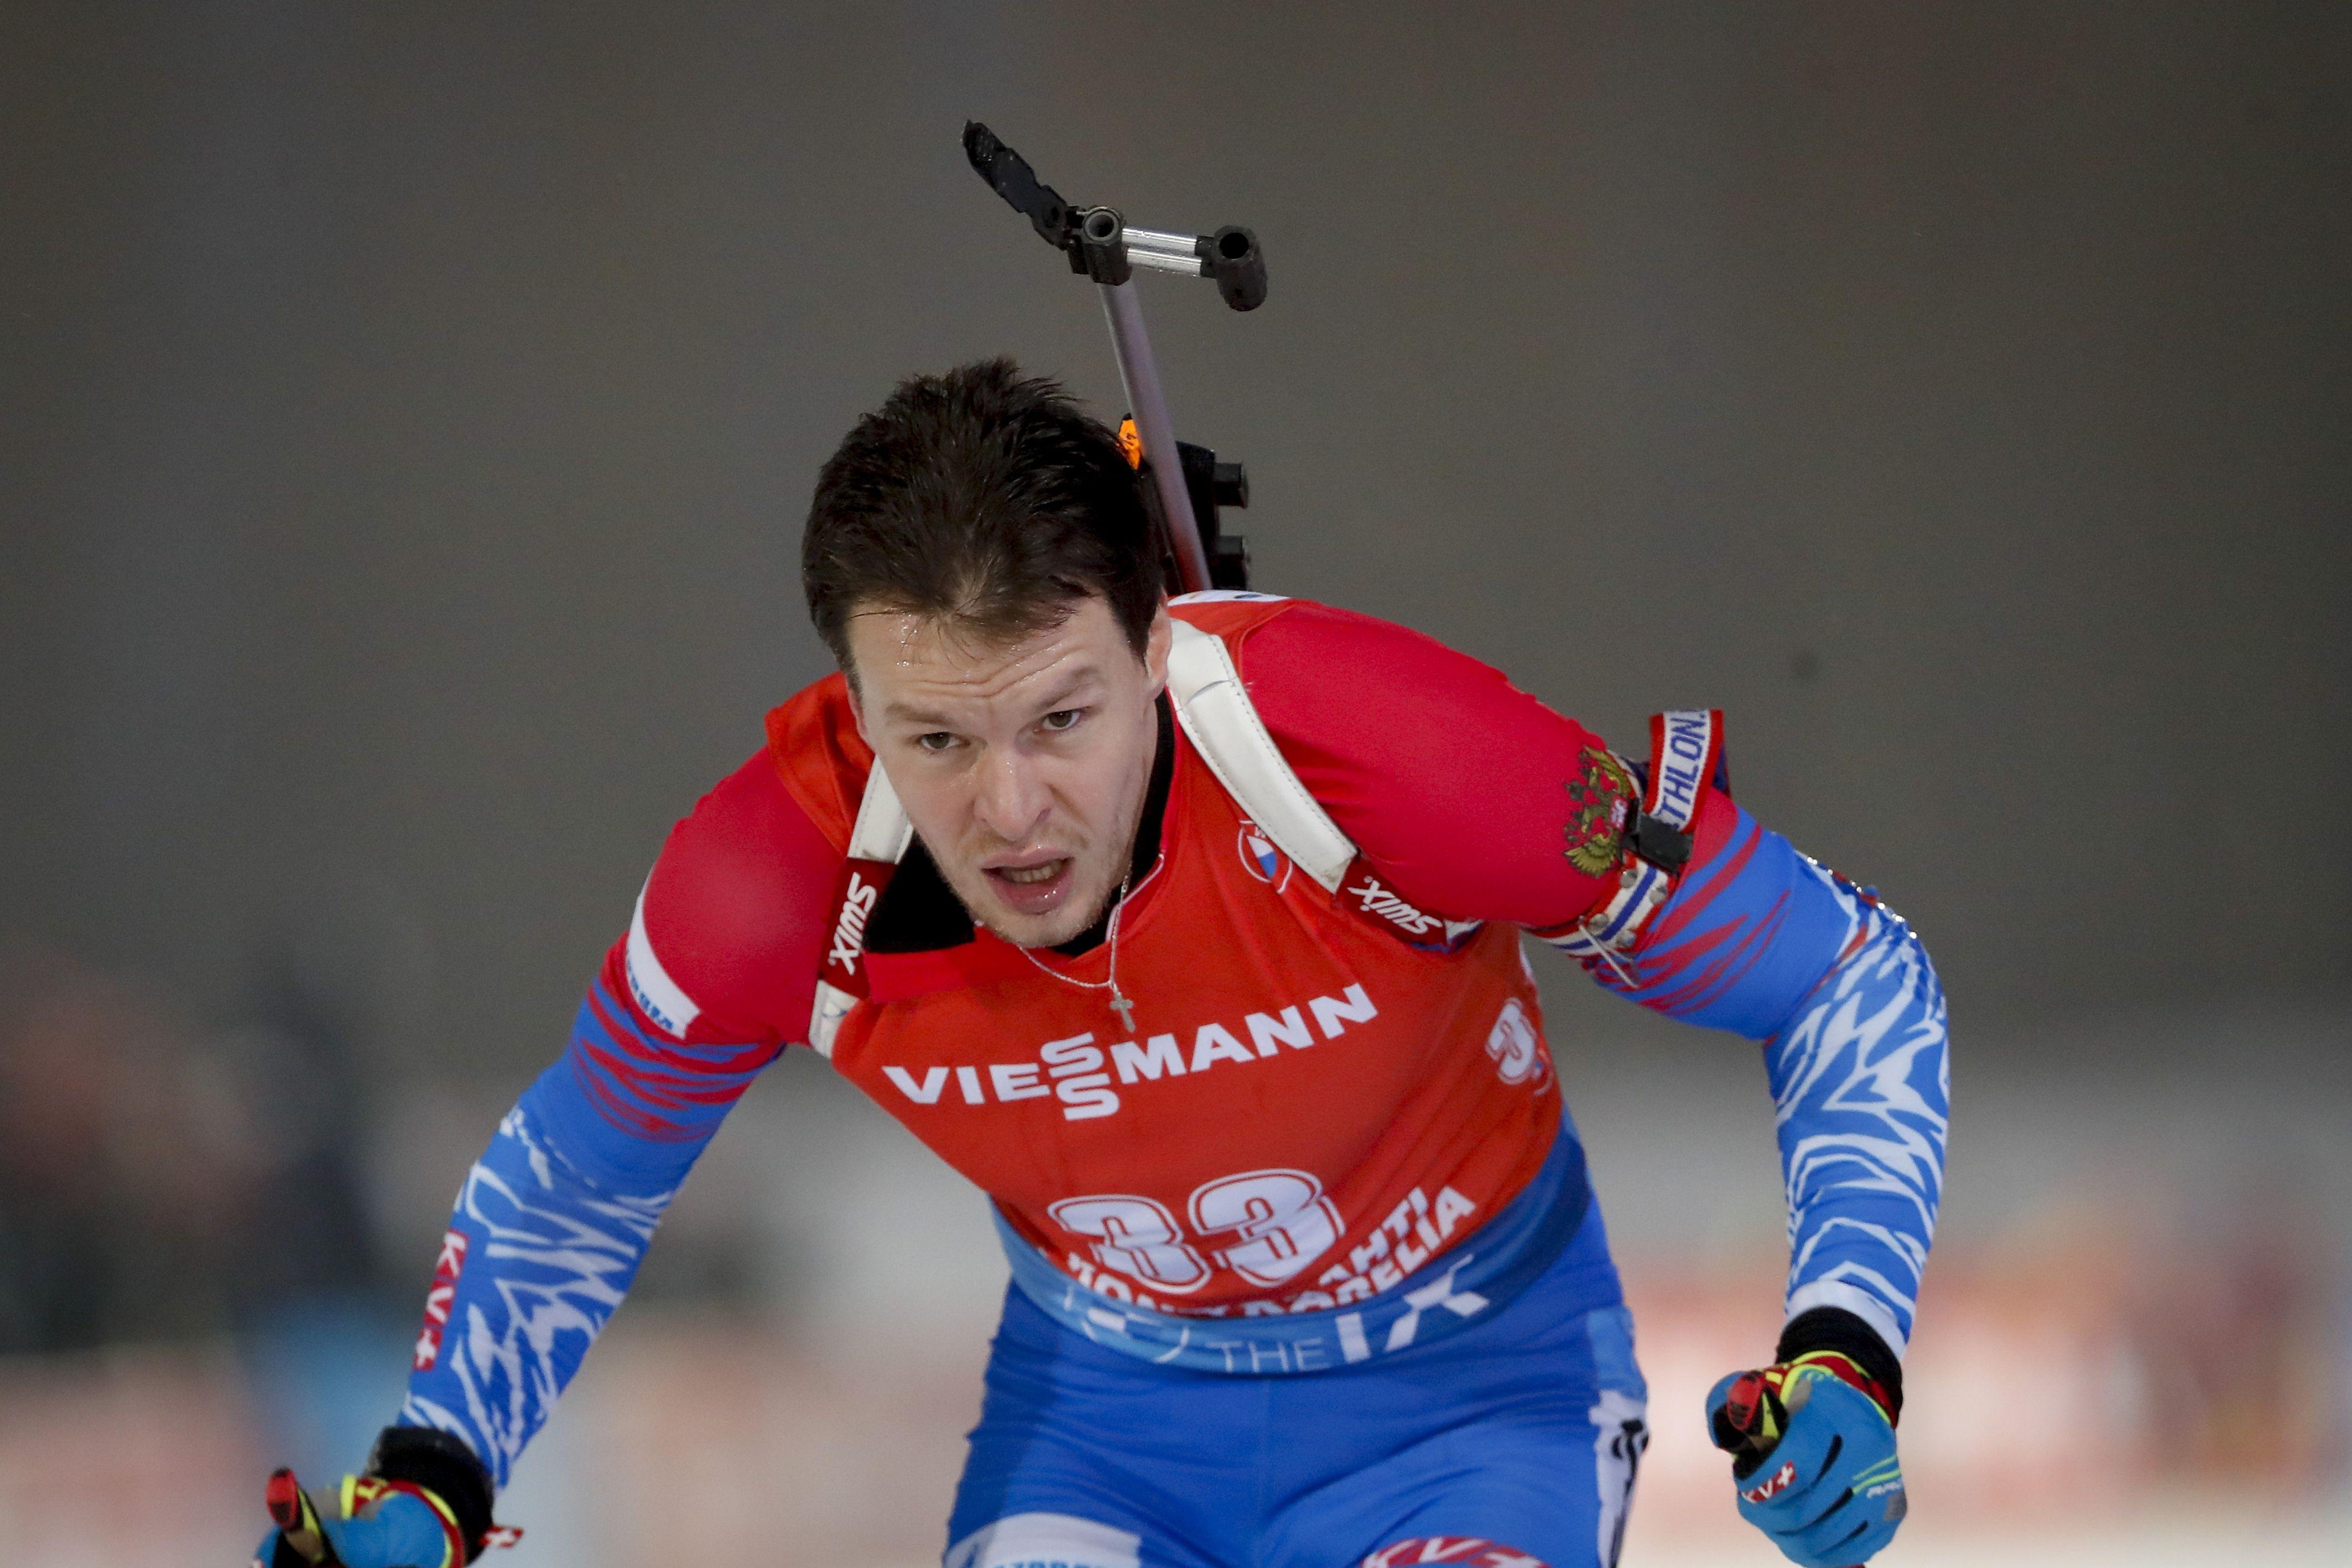 Елисеев поднялся на 21-е место в зачёте Кубка мира, Йоханнес Бё сохранил лидерство